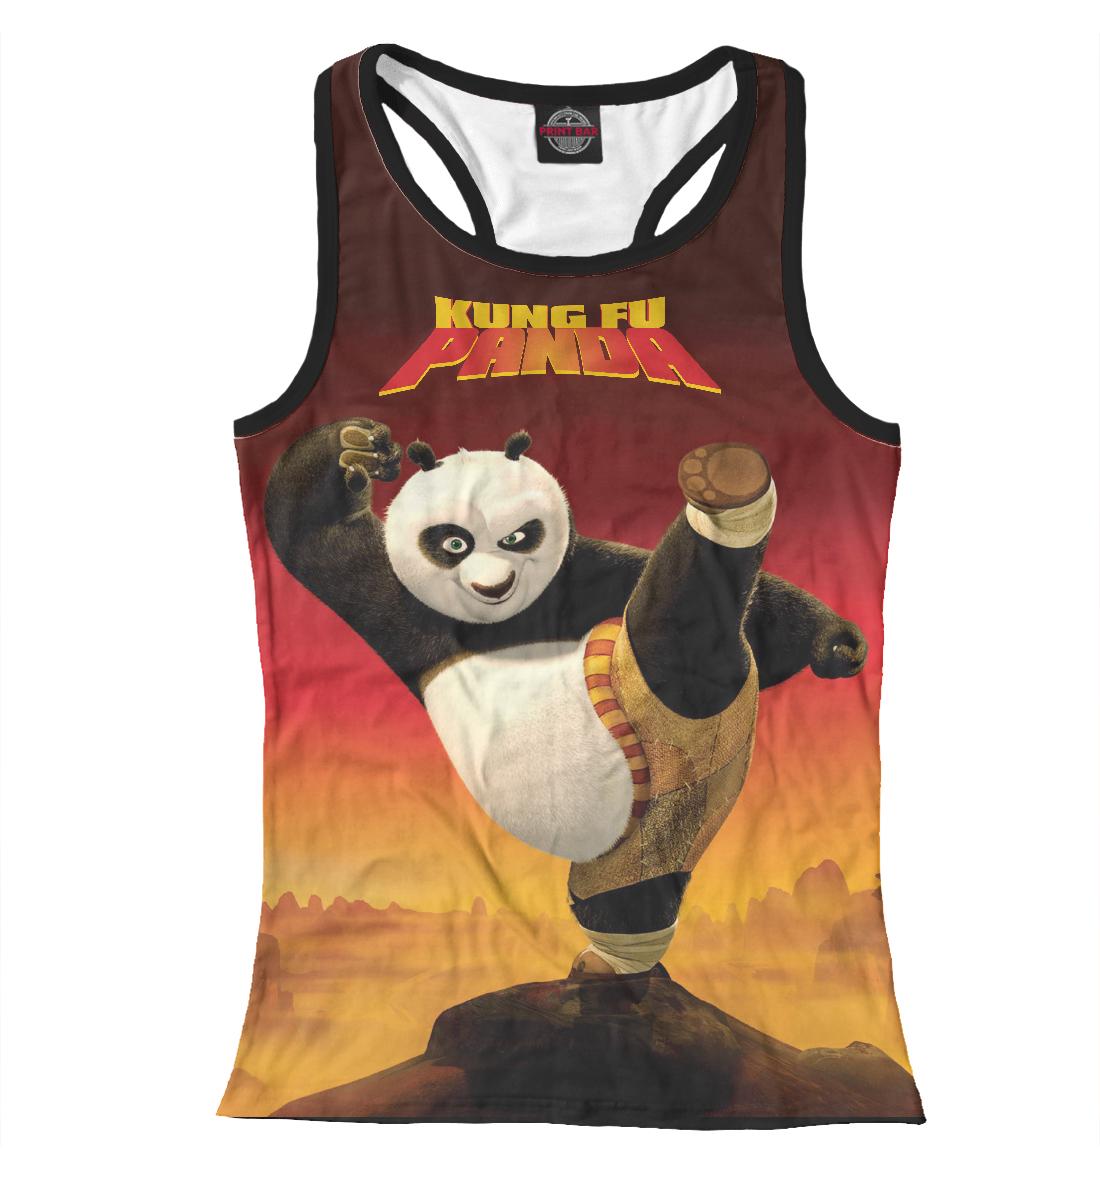 Kung Fu Panda ronald wheeler power of shaolin kung fu